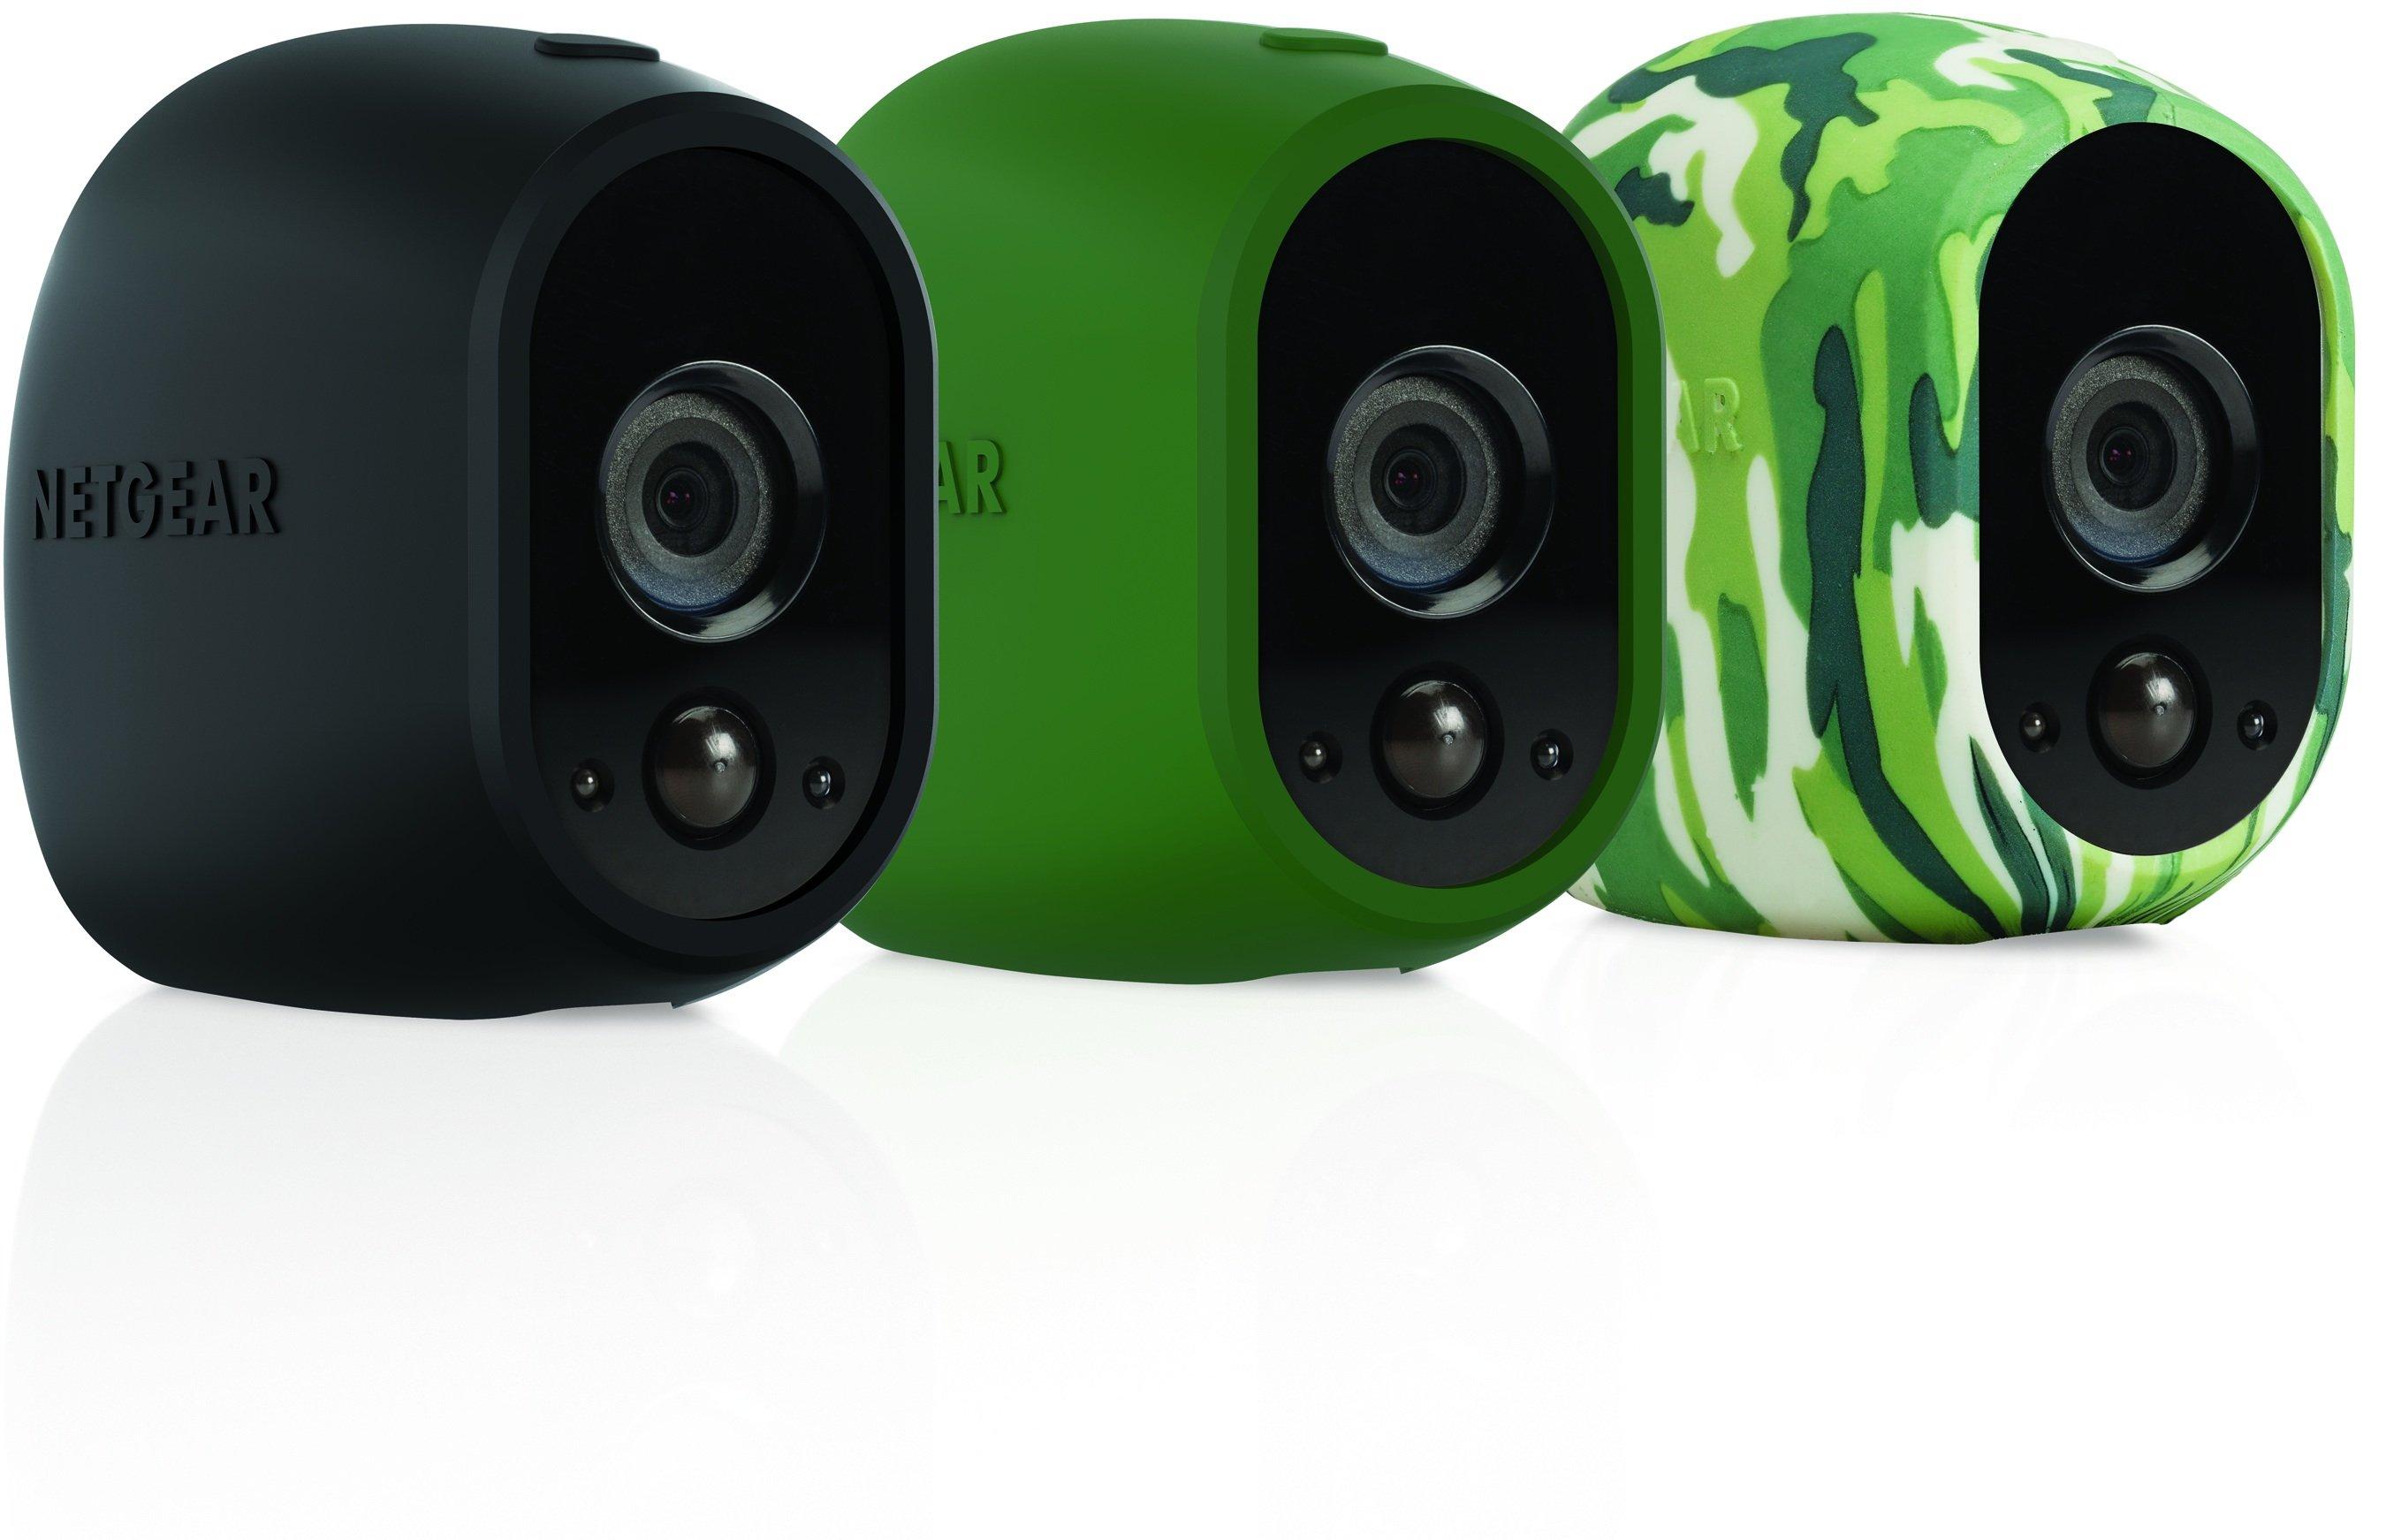 La videocamera di sicurezza tra i vasi sulla mensola - Videocamera di sicurezza ...